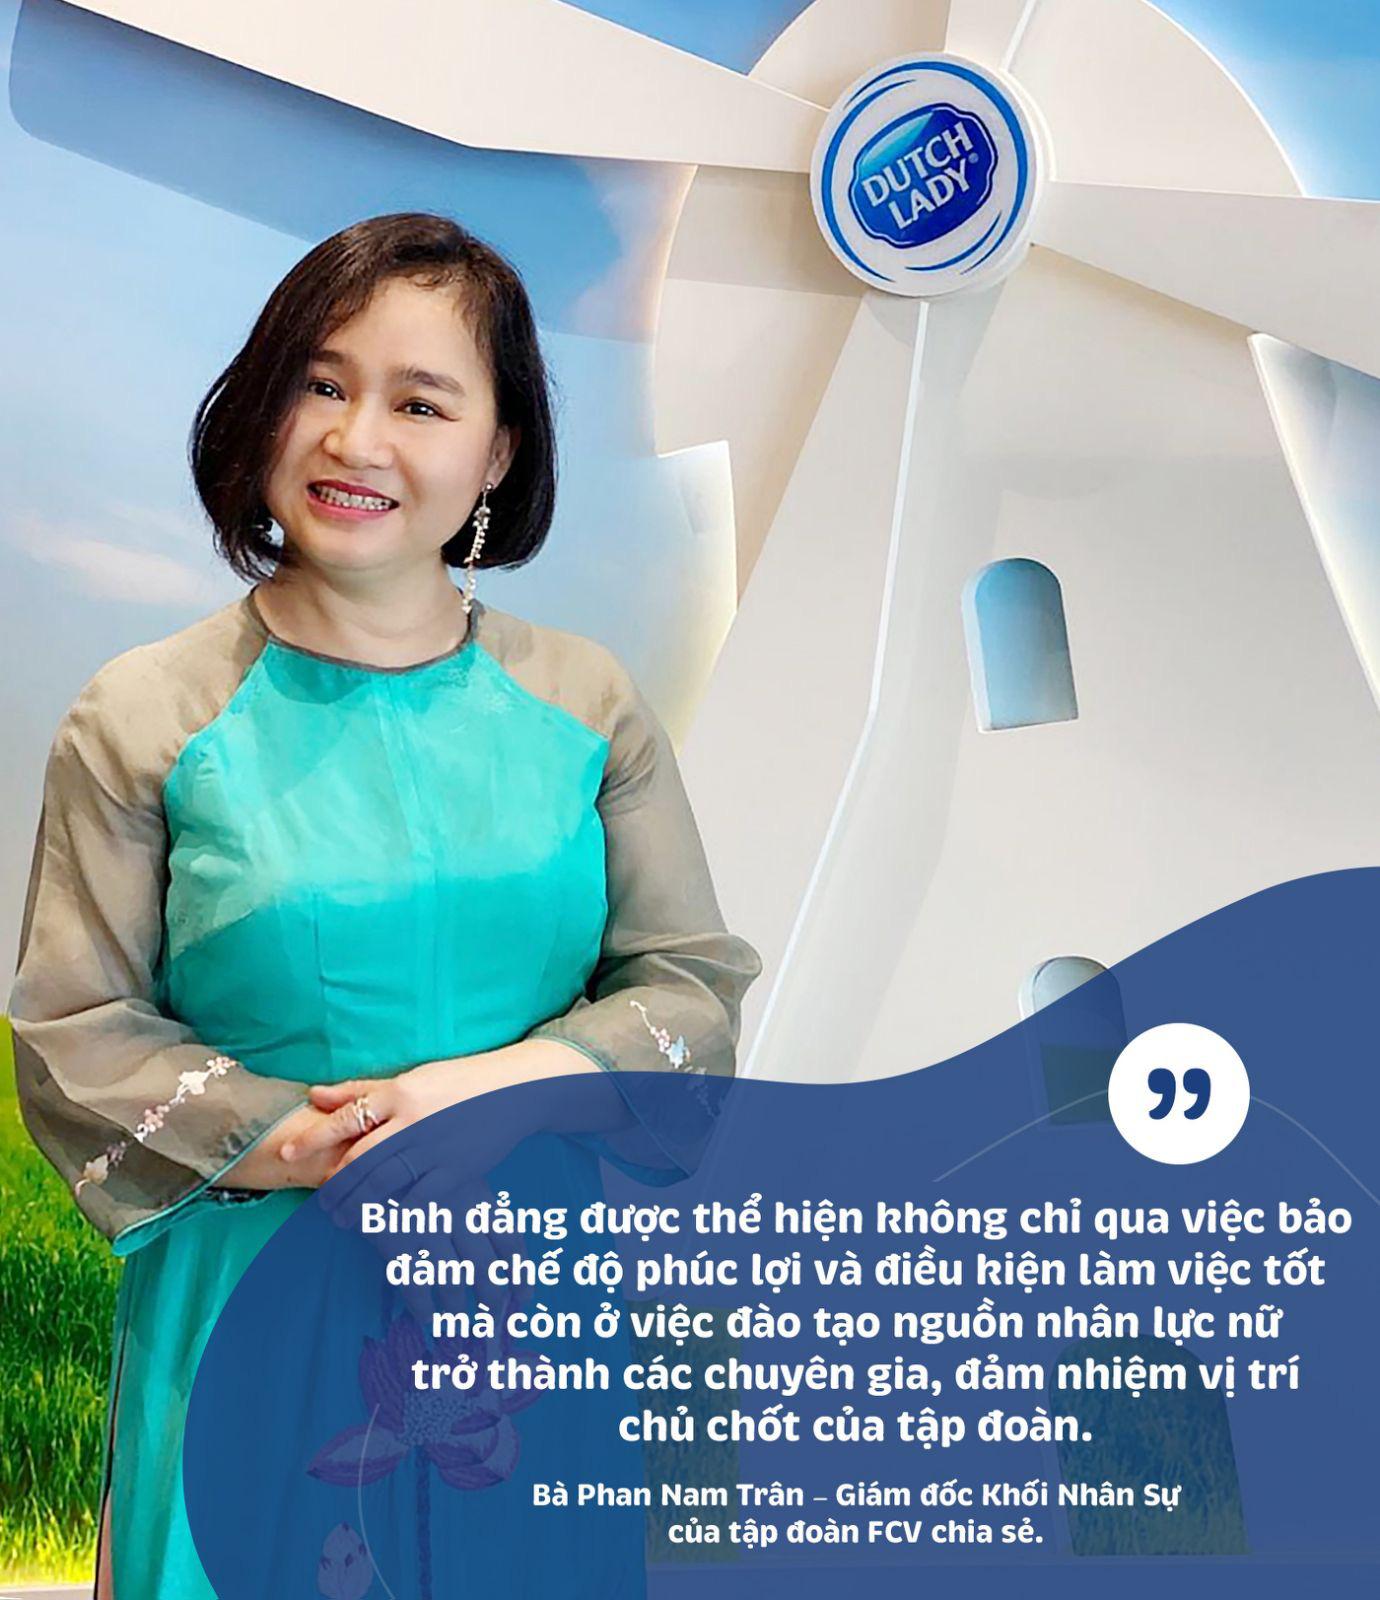 FrieslandCampina Việt Nam: 25 năm tổng lực đầu tư cho phát triển bền vững - Ảnh 3.